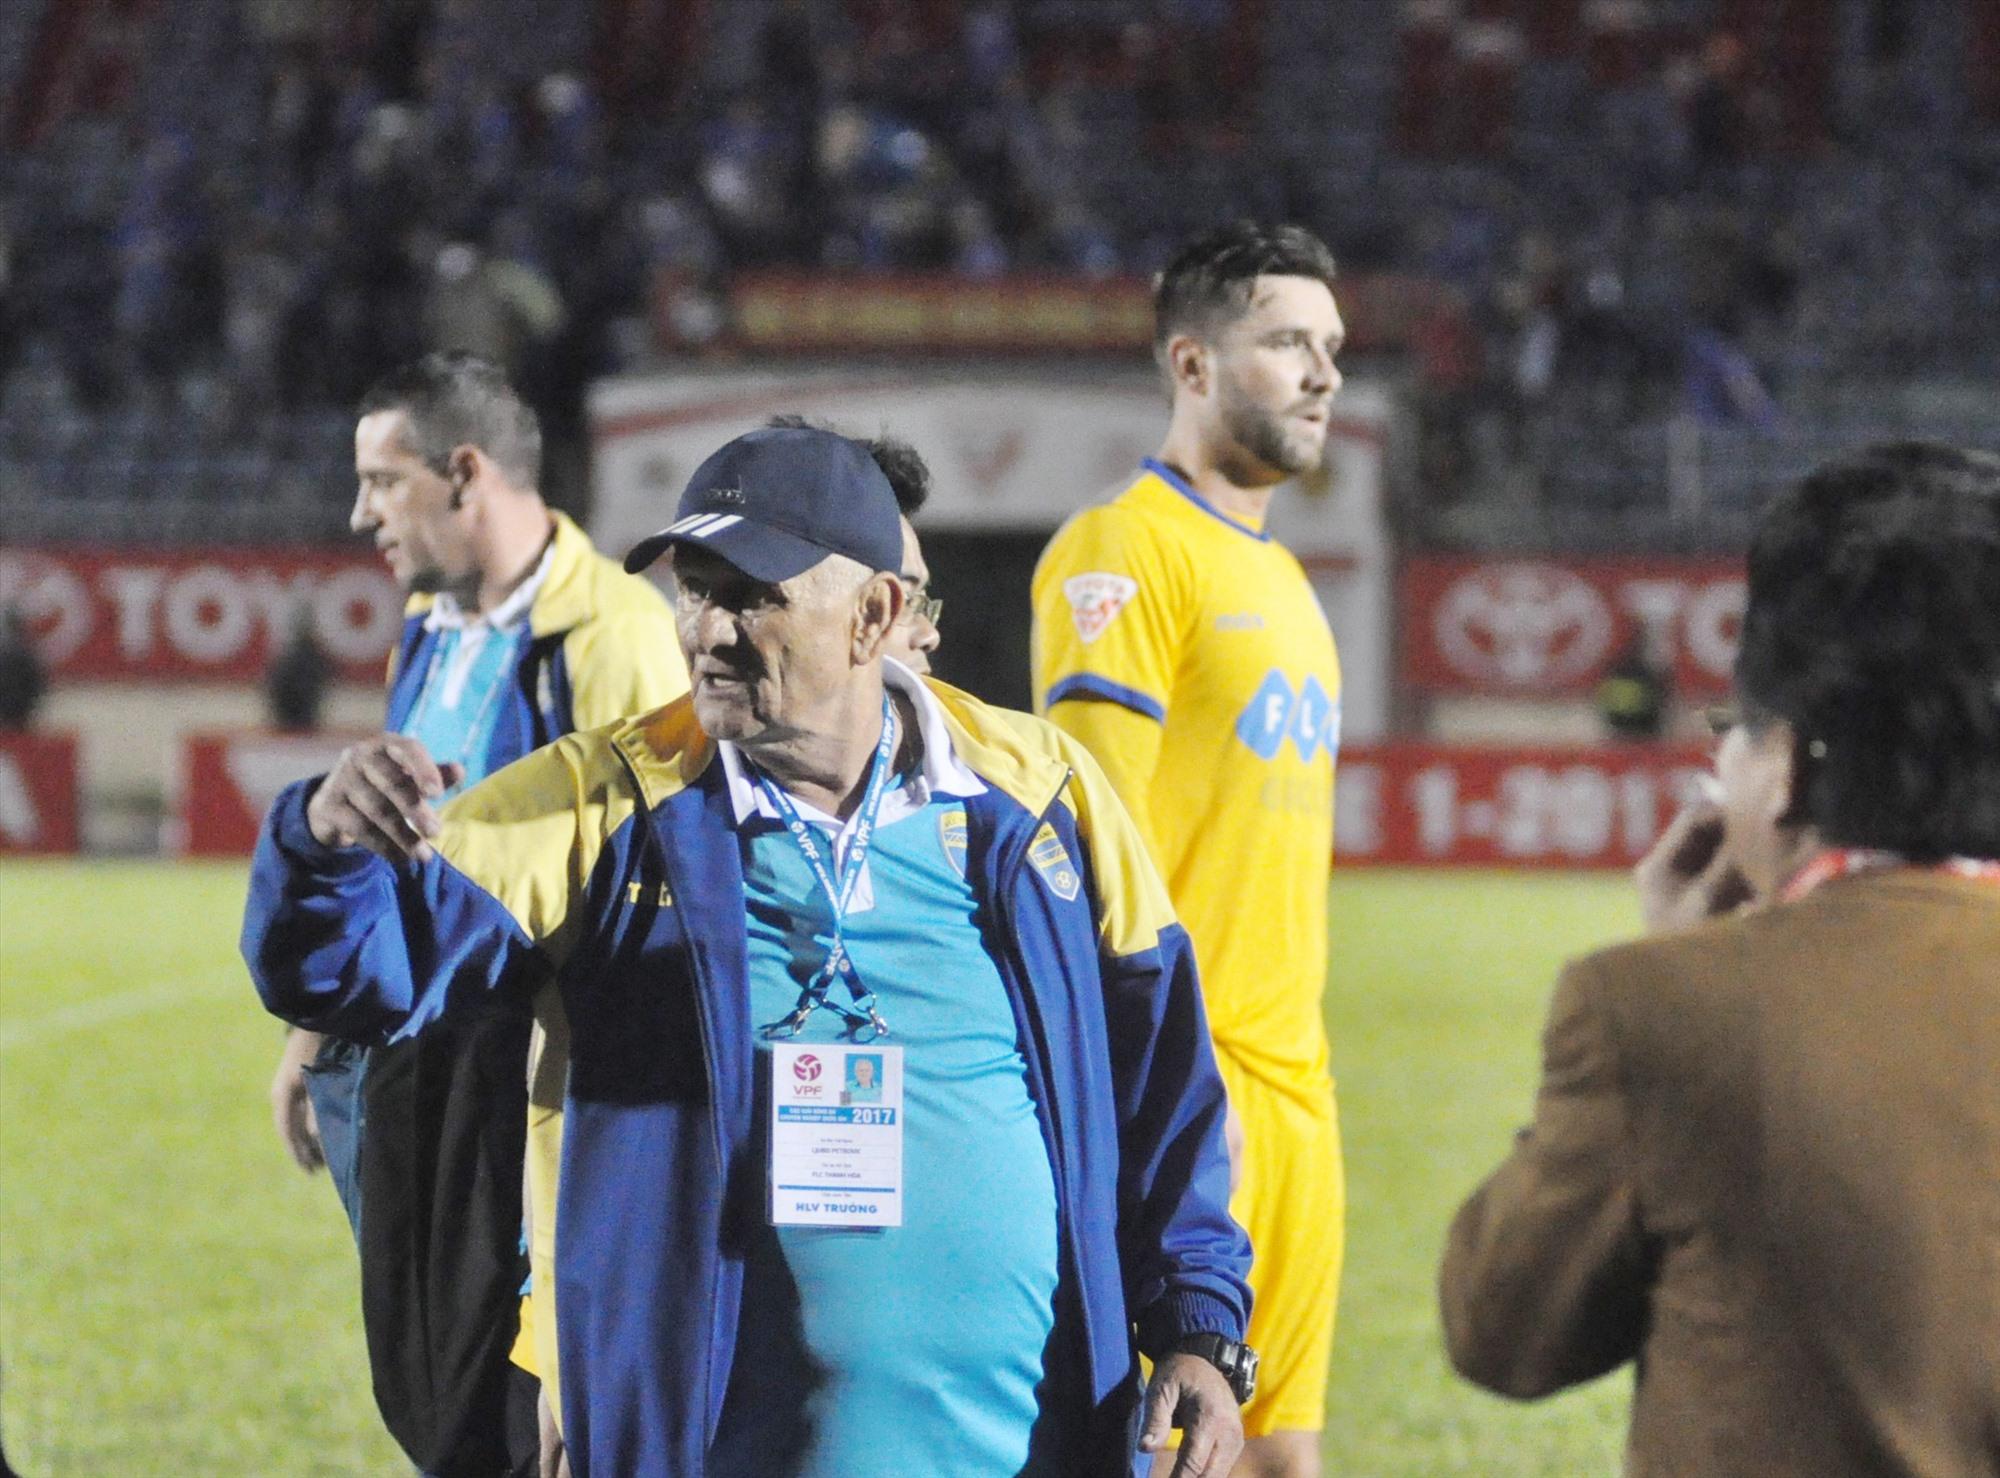 HLV Petrovic trở lại Thanh Hóa giúp V-League 2021 đáng xem hơn. Ảnh: A.NHI